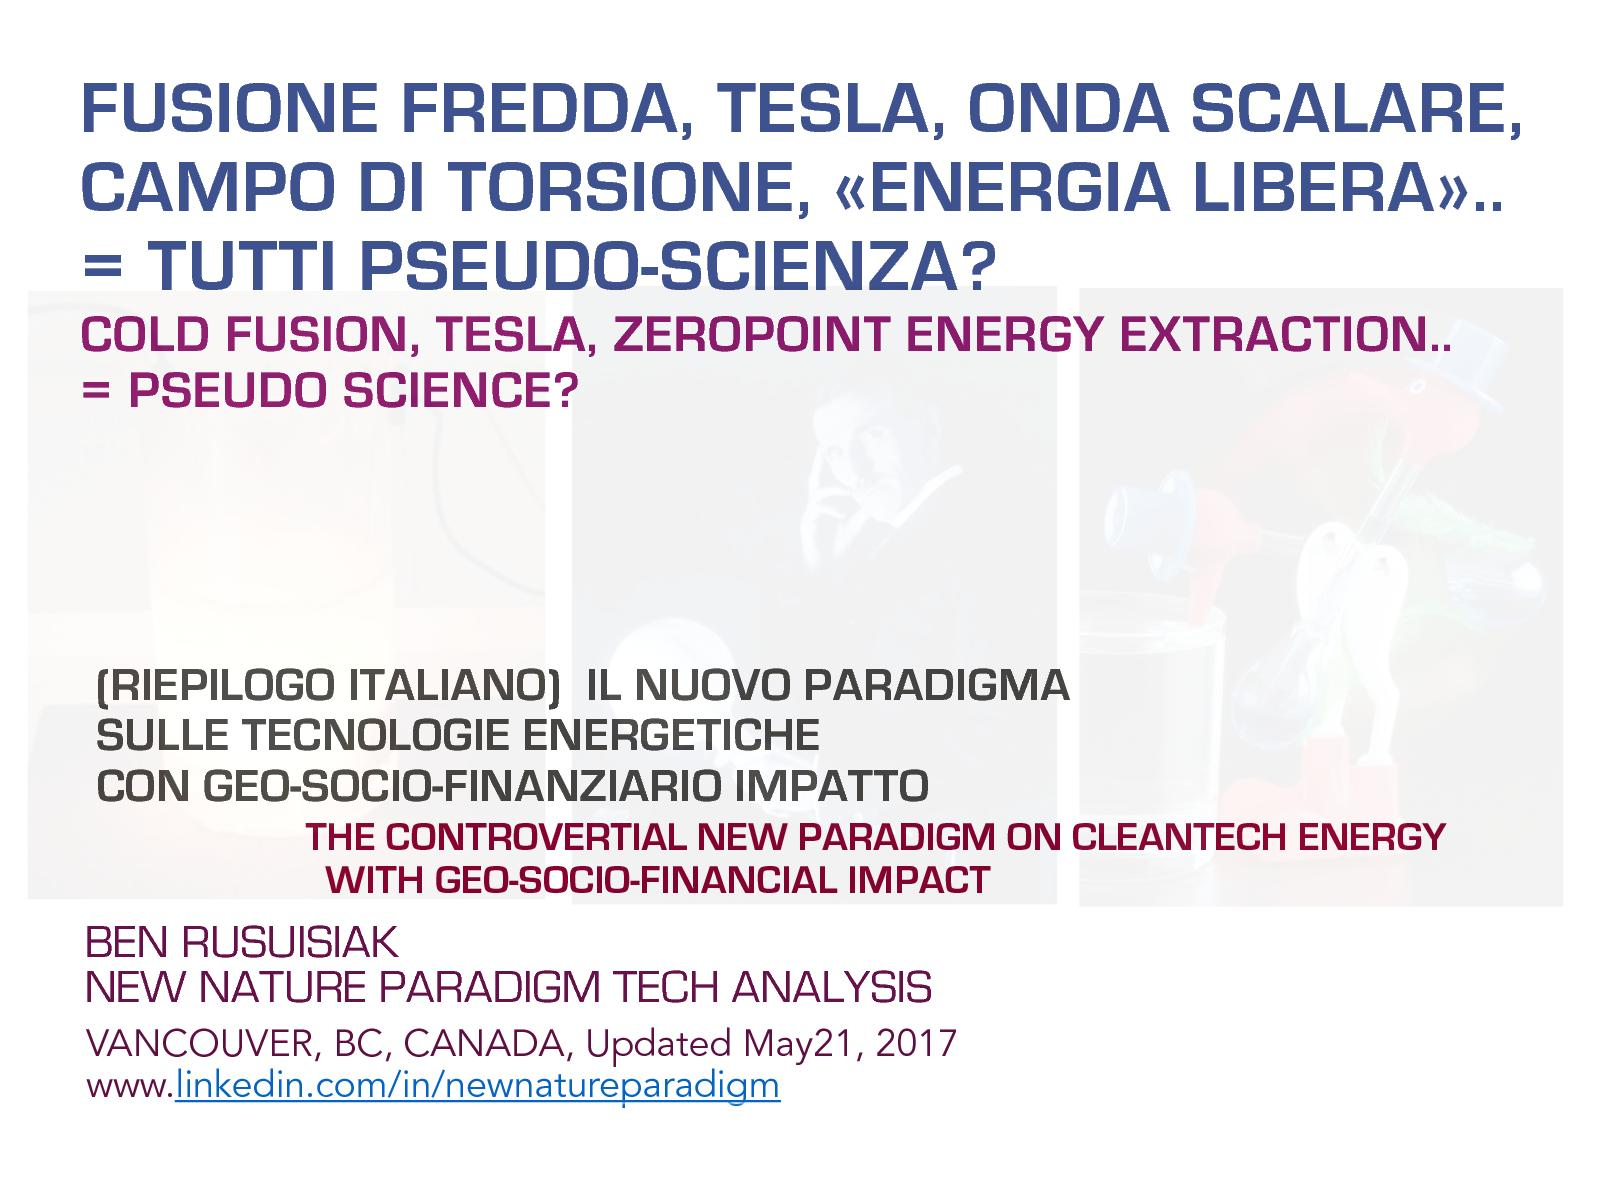 Calamo Fusione Fredda Tesla Onda Scalare Campo Di Torsione Toshiba G7 Asd Wiring Diagram Energia Libera Tutti Pseudo Scienza Cold Fusion Free Energy All